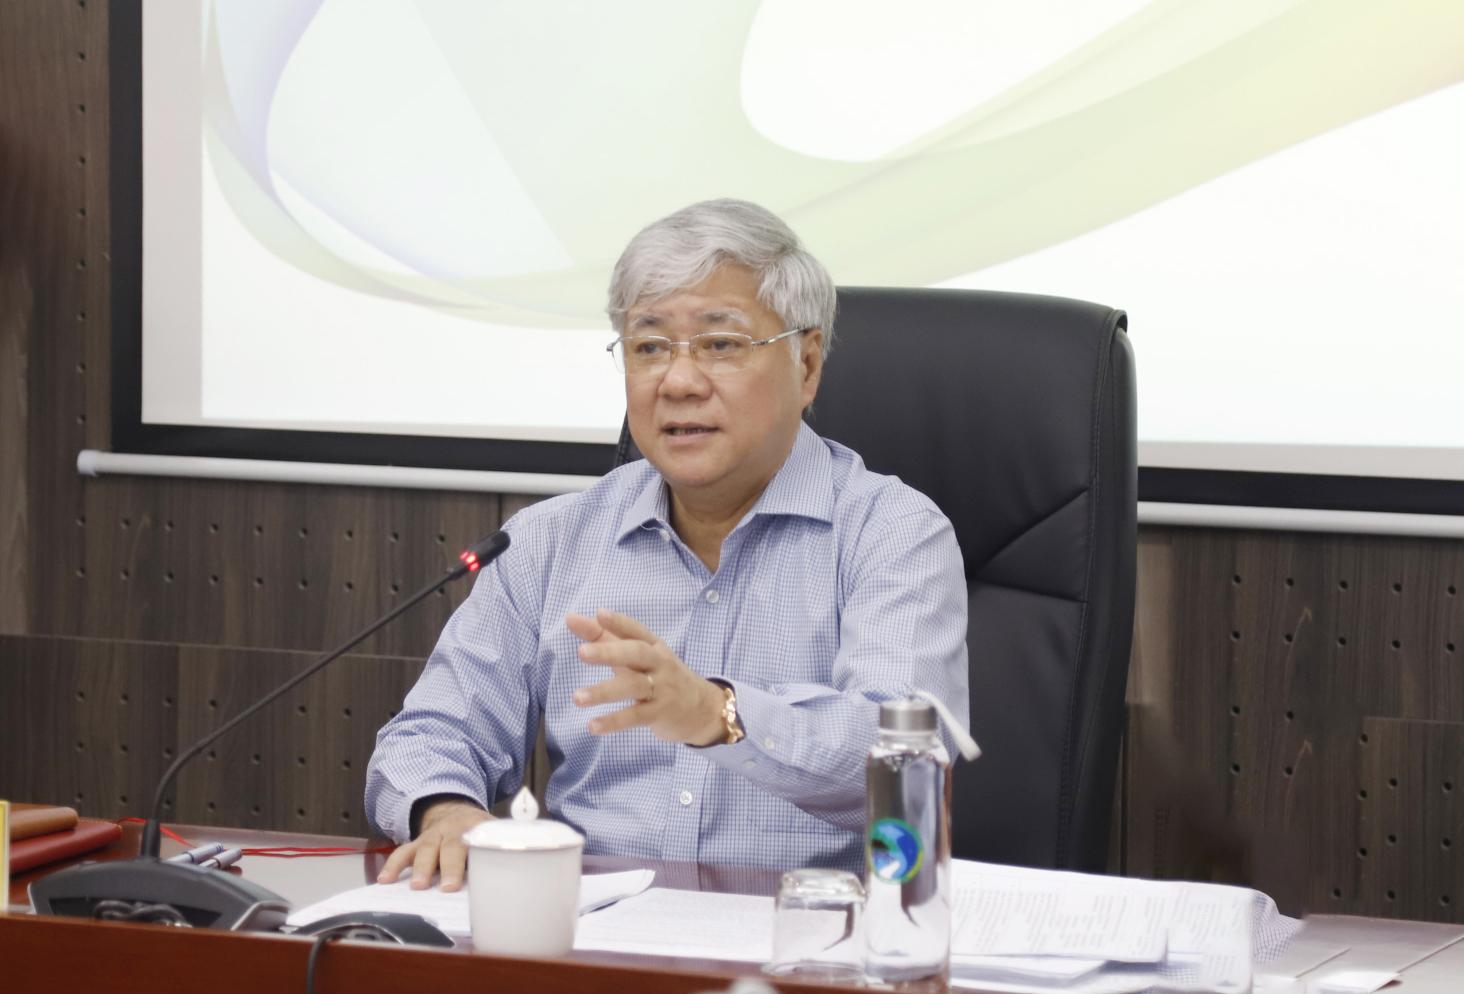 Bộ trưởng, Chủ nhiệm UBDT Đỗ Văn Chiến phát biểu tại buổi họp